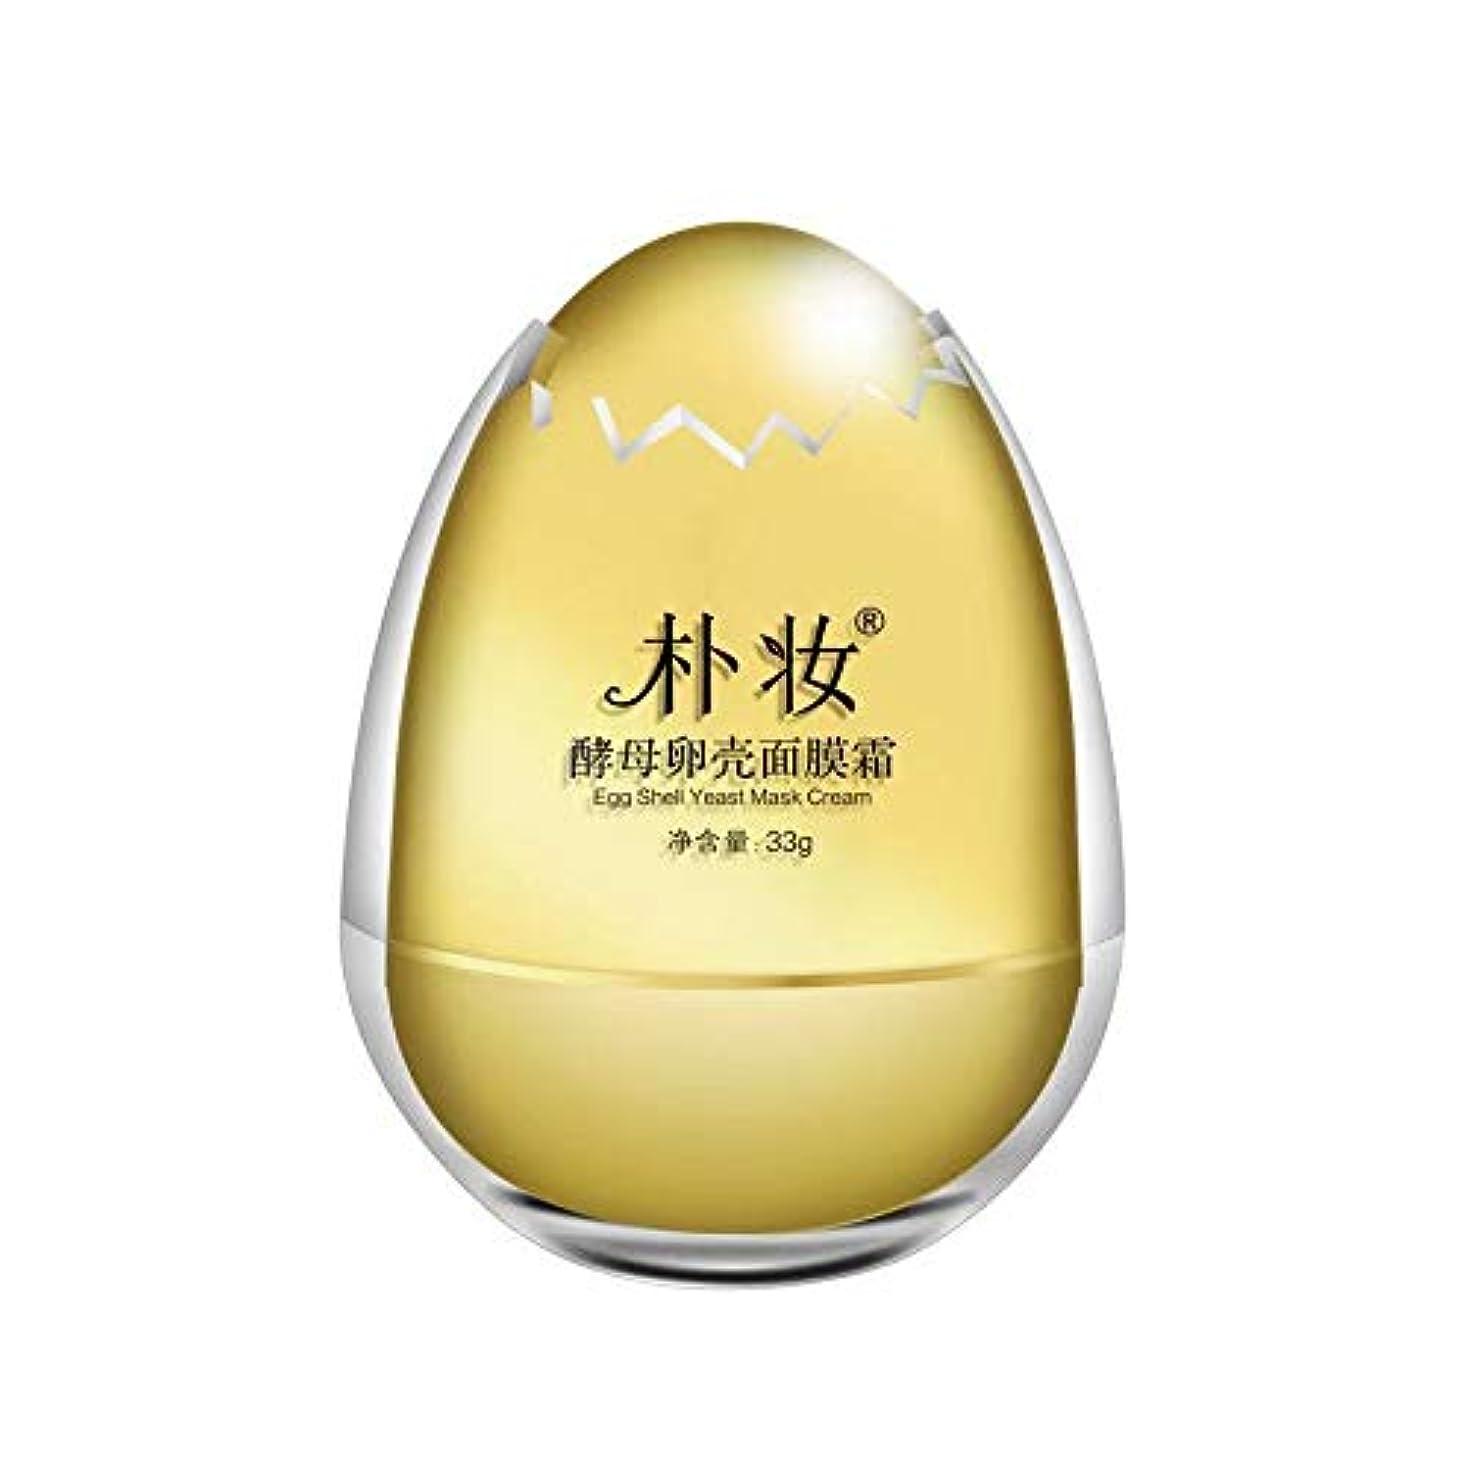 ハロウィン性別プラス朴妆たんたんパック 酵母卵殻マスククリーム33g しっとりと た肌,シュリンクポア,しわ耐性,肌を引っ張る、